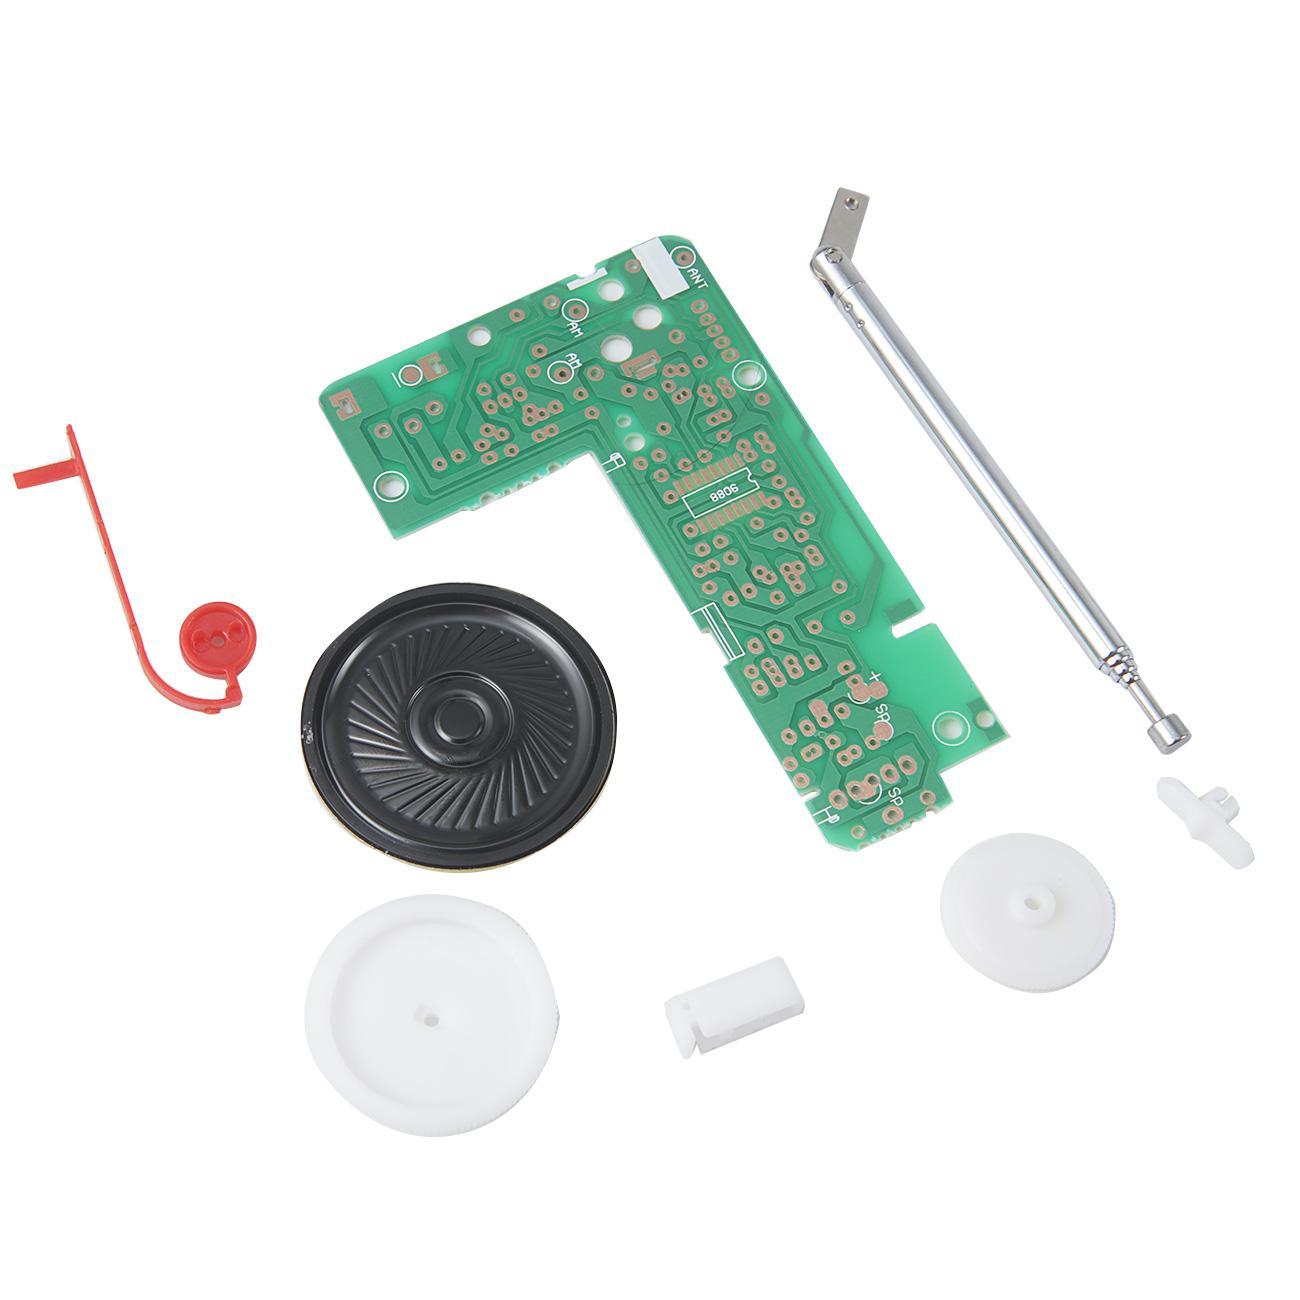 Amplifier Tda2822 Board Pcb Layout 595x400 Amplifier Amplifier Tda2822